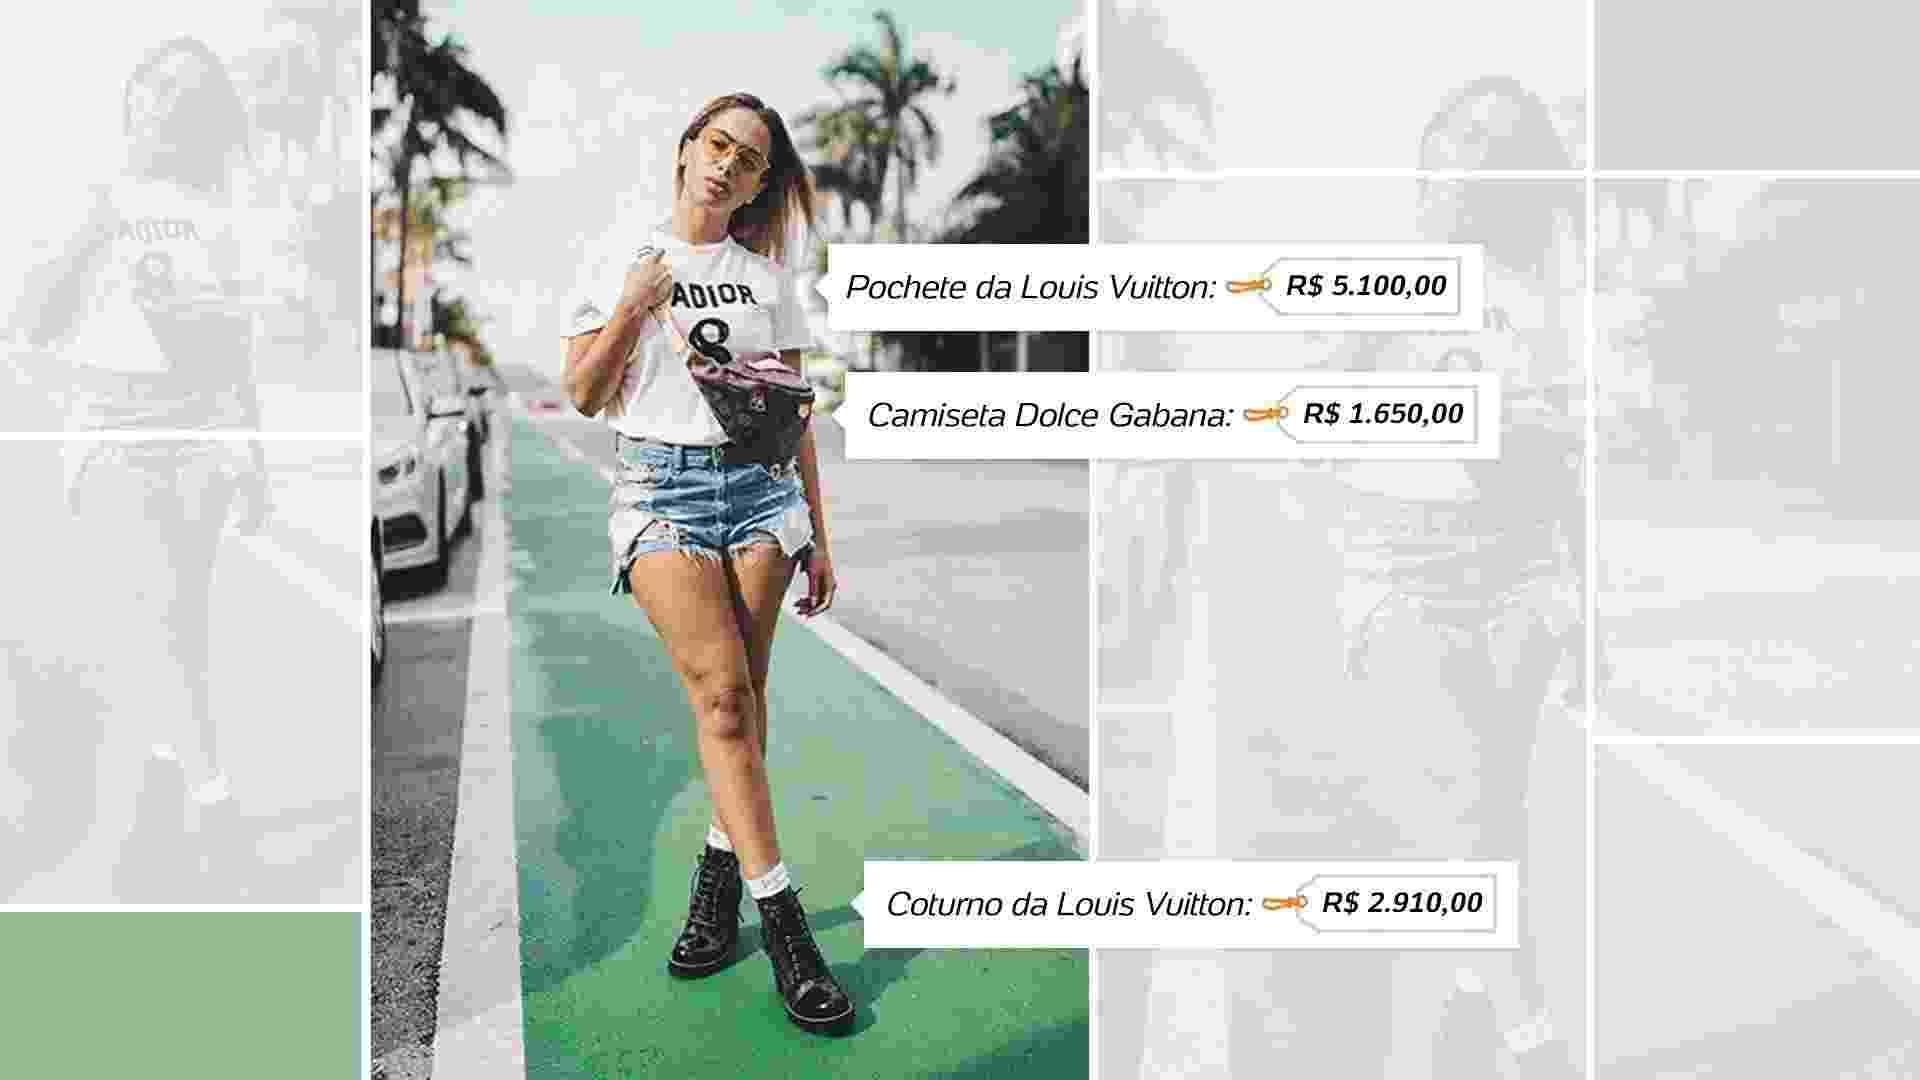 A pochete da Louis Vuitton, vendida por R$ 5.100,00, é uma peça bastante usada por Anitta em suas viagens no exterior - Reprodução/Instagram/Arte UOL